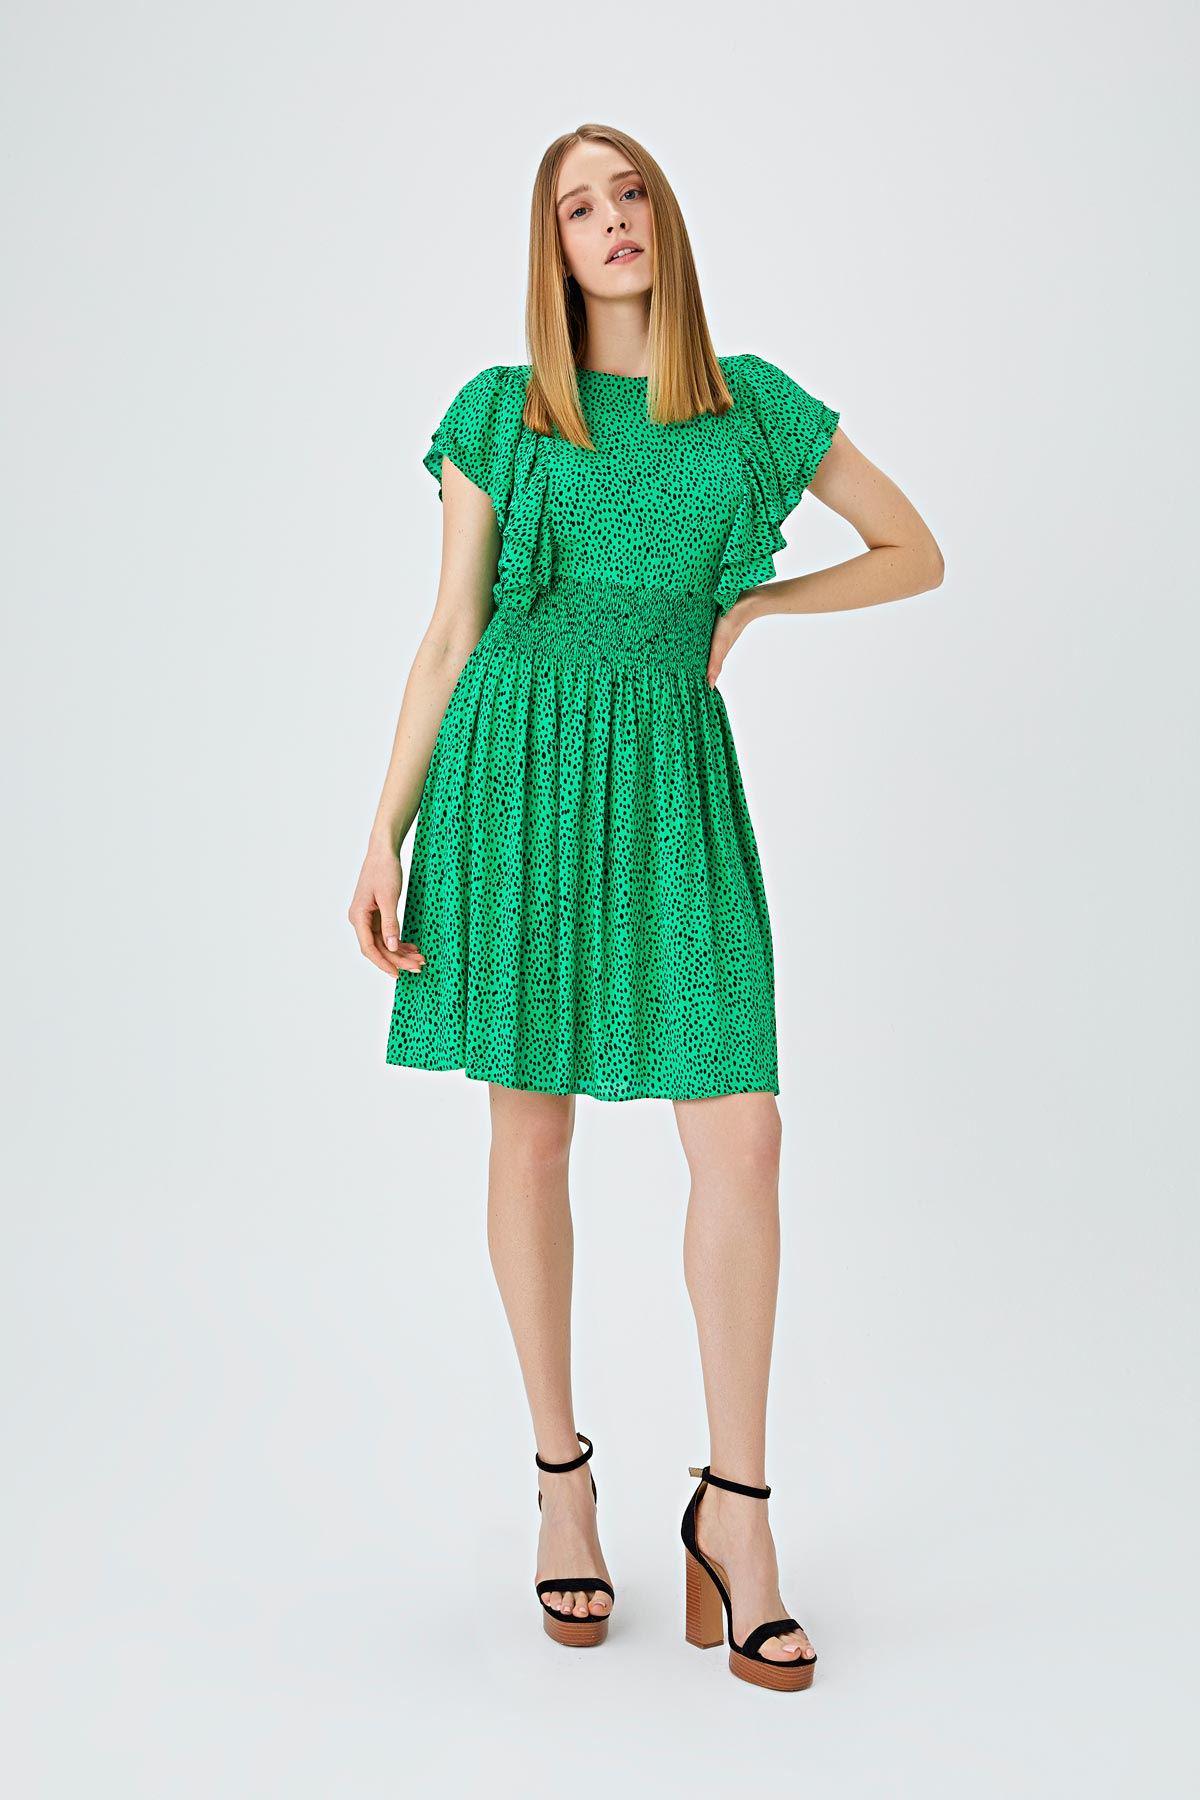 Fırfır şeritli puantiye desenli elbise Yeşil